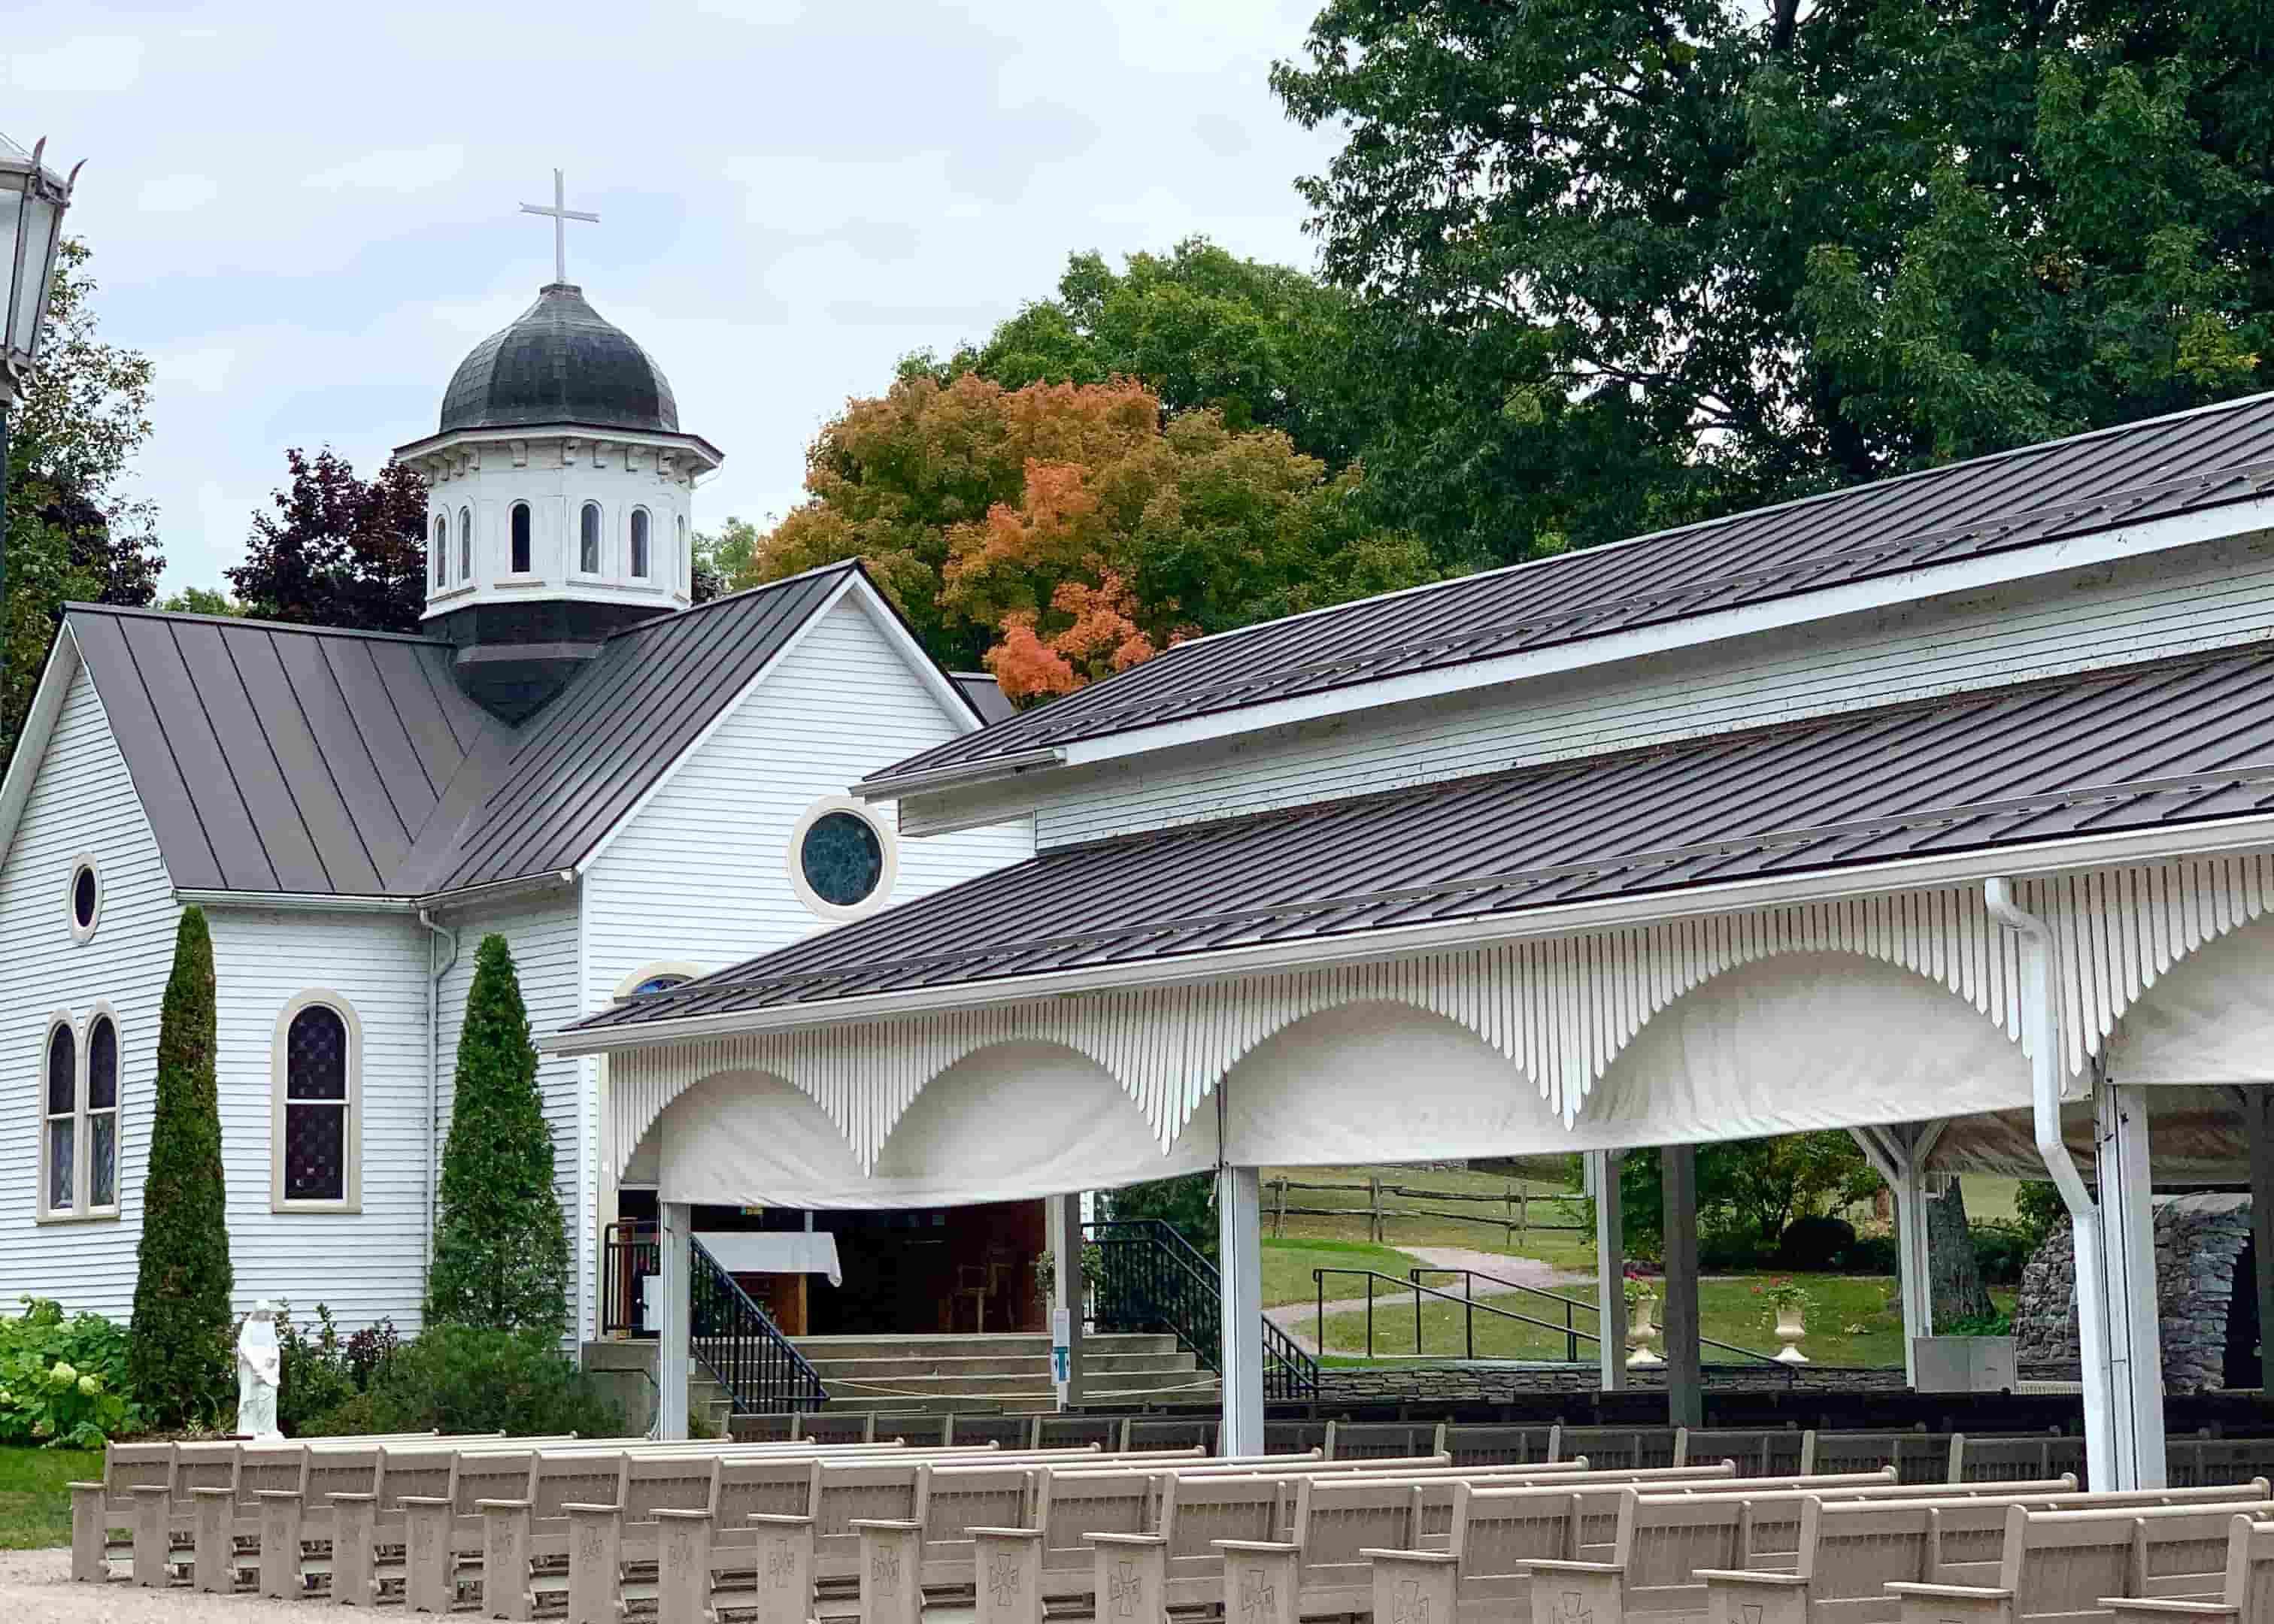 Saint Anne's Shrine in Isle La Motte, Vermont